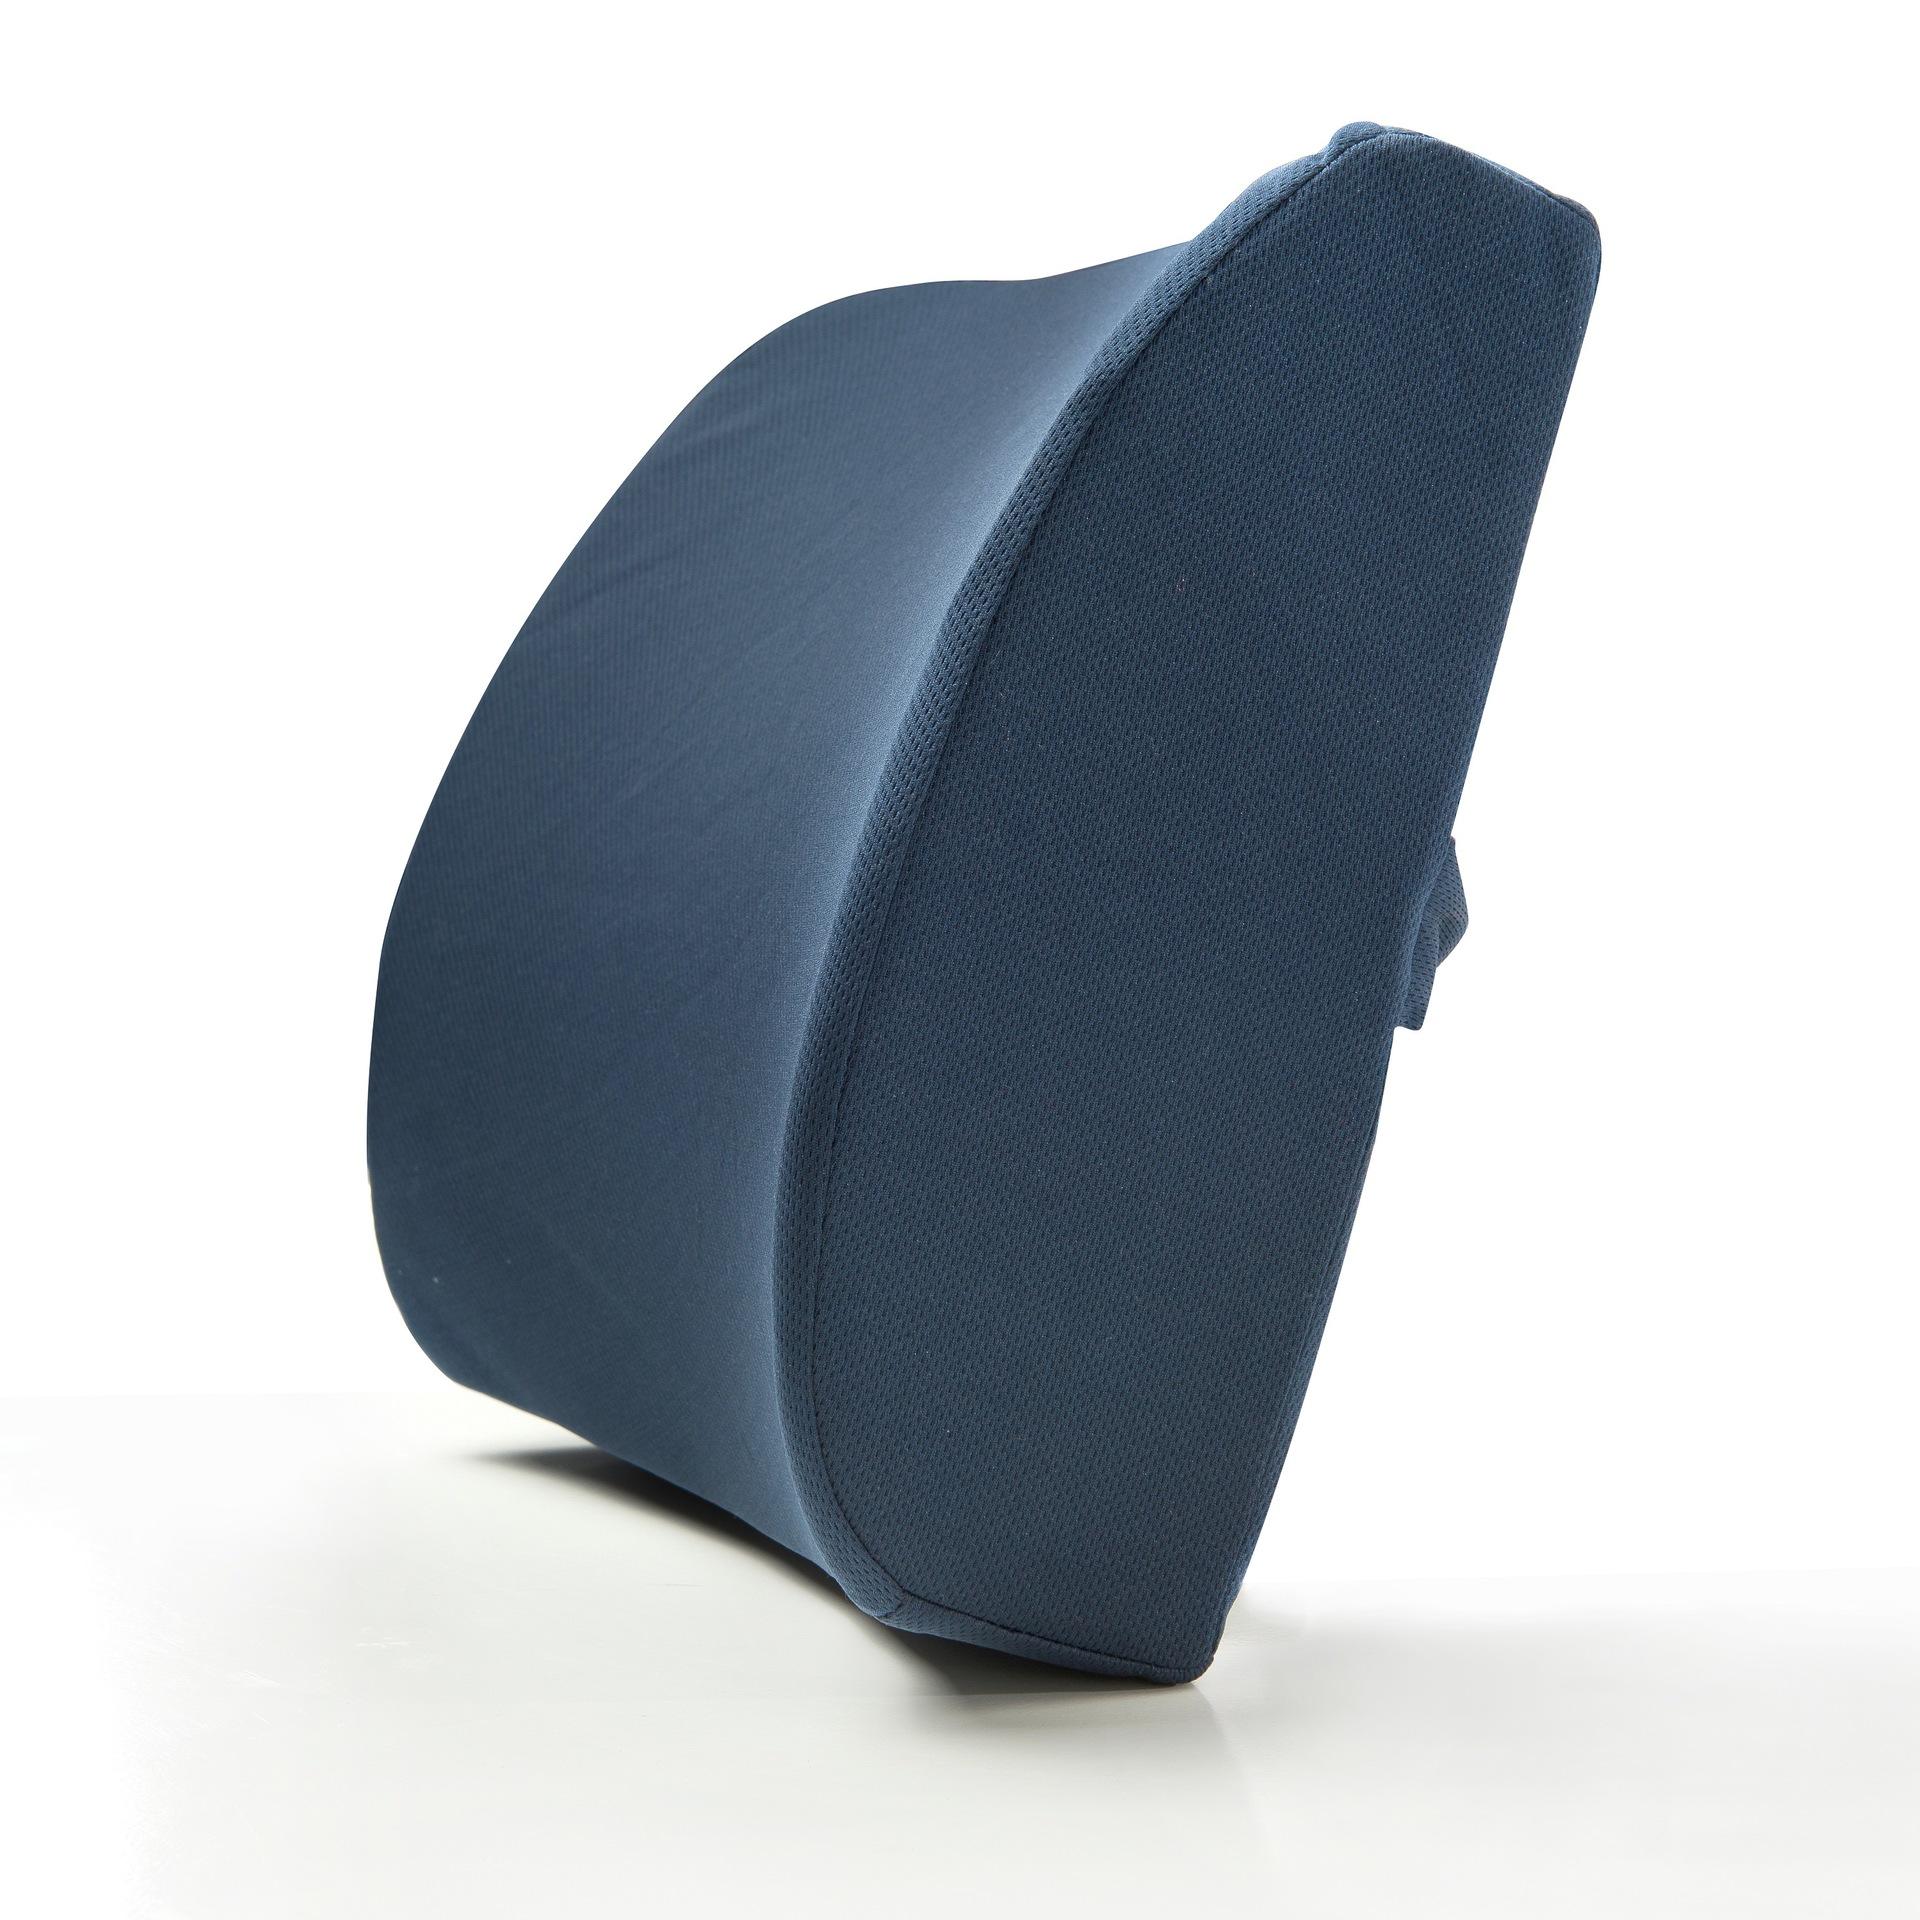 Gối tựa lưng Không gian bộ nhớ thắt lưng cotton hỗ trợ thắt lưng dày văn phòng đệm xe thắt lưng hỗ t